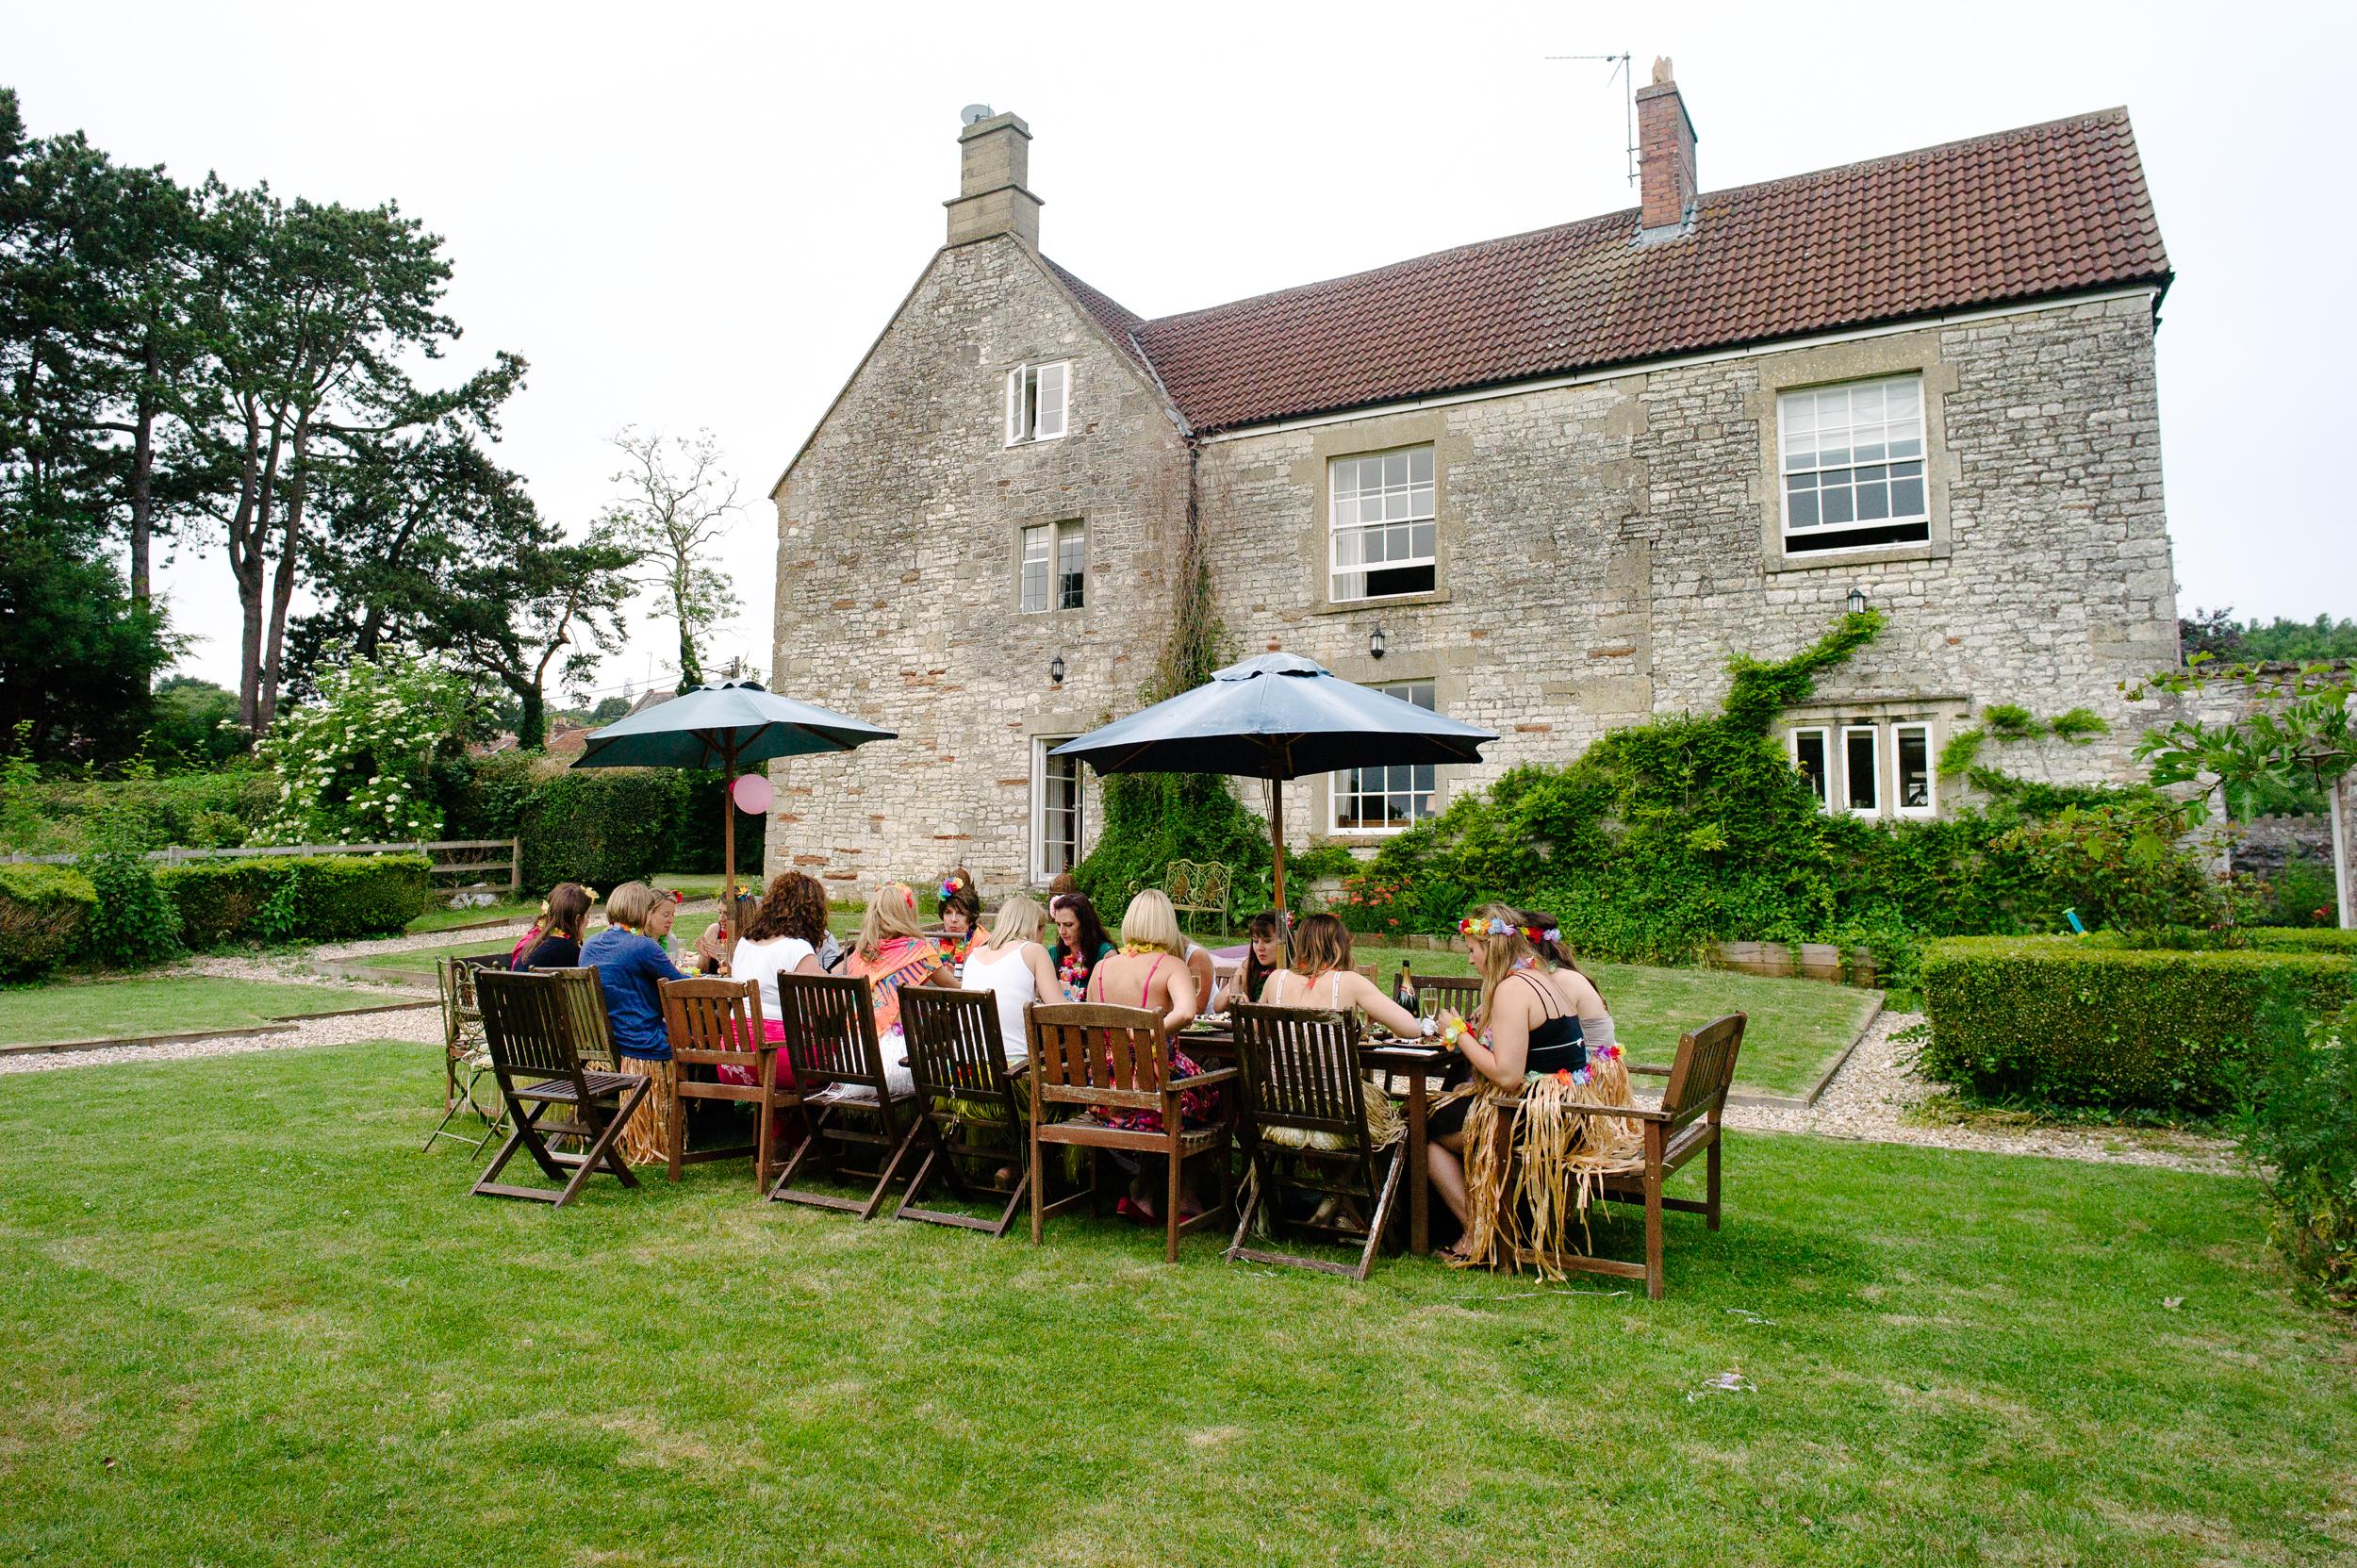 Pennleigh_Welton Manor Farm-56.jpg